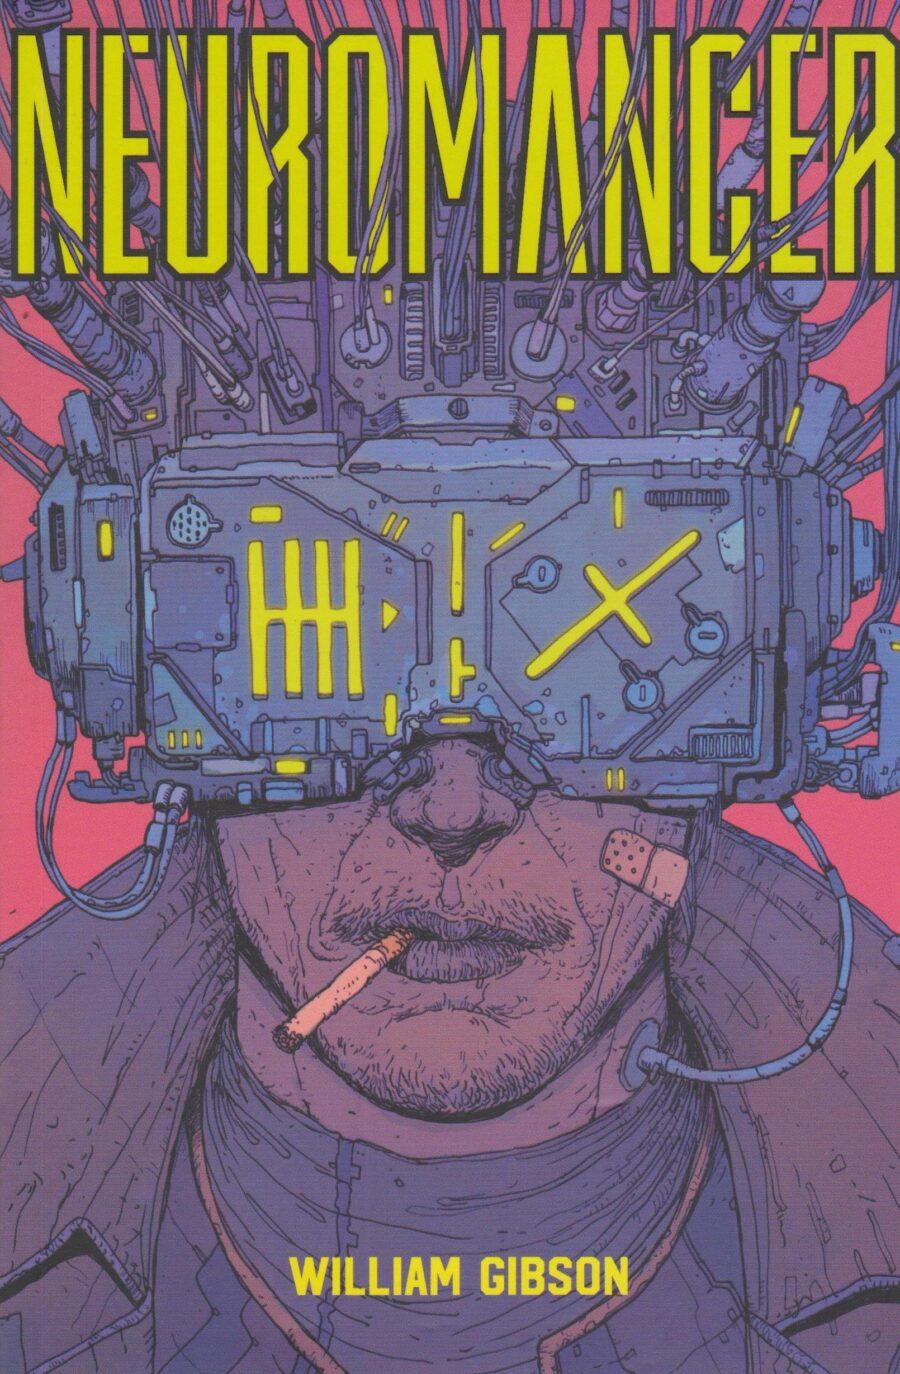 Sci-Fi Book Neuromancer